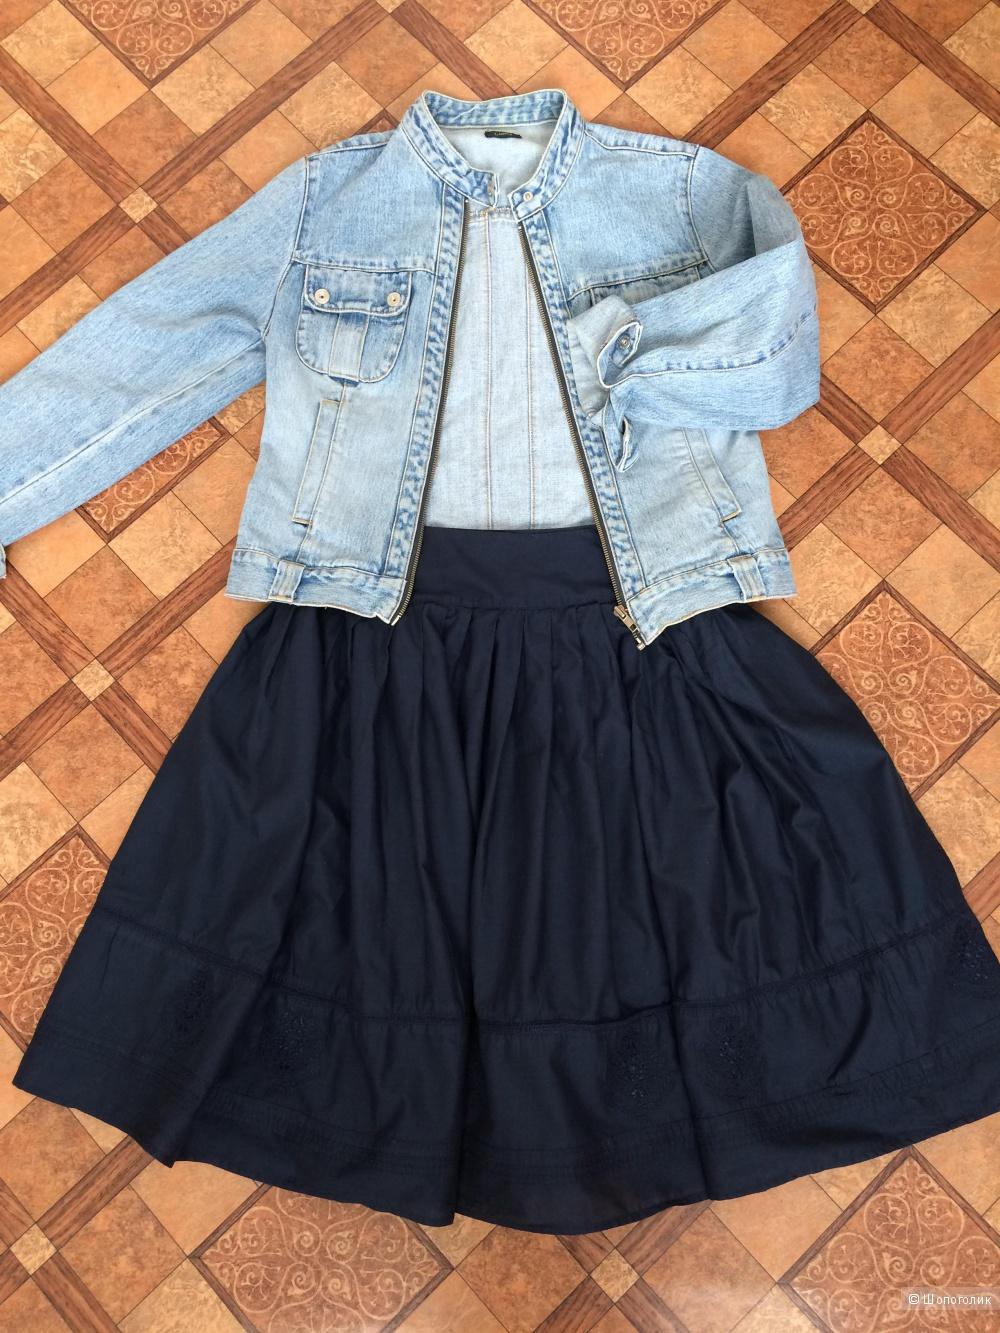 Пышная синяя юбка St Johns Bay, р-р 44 - 46